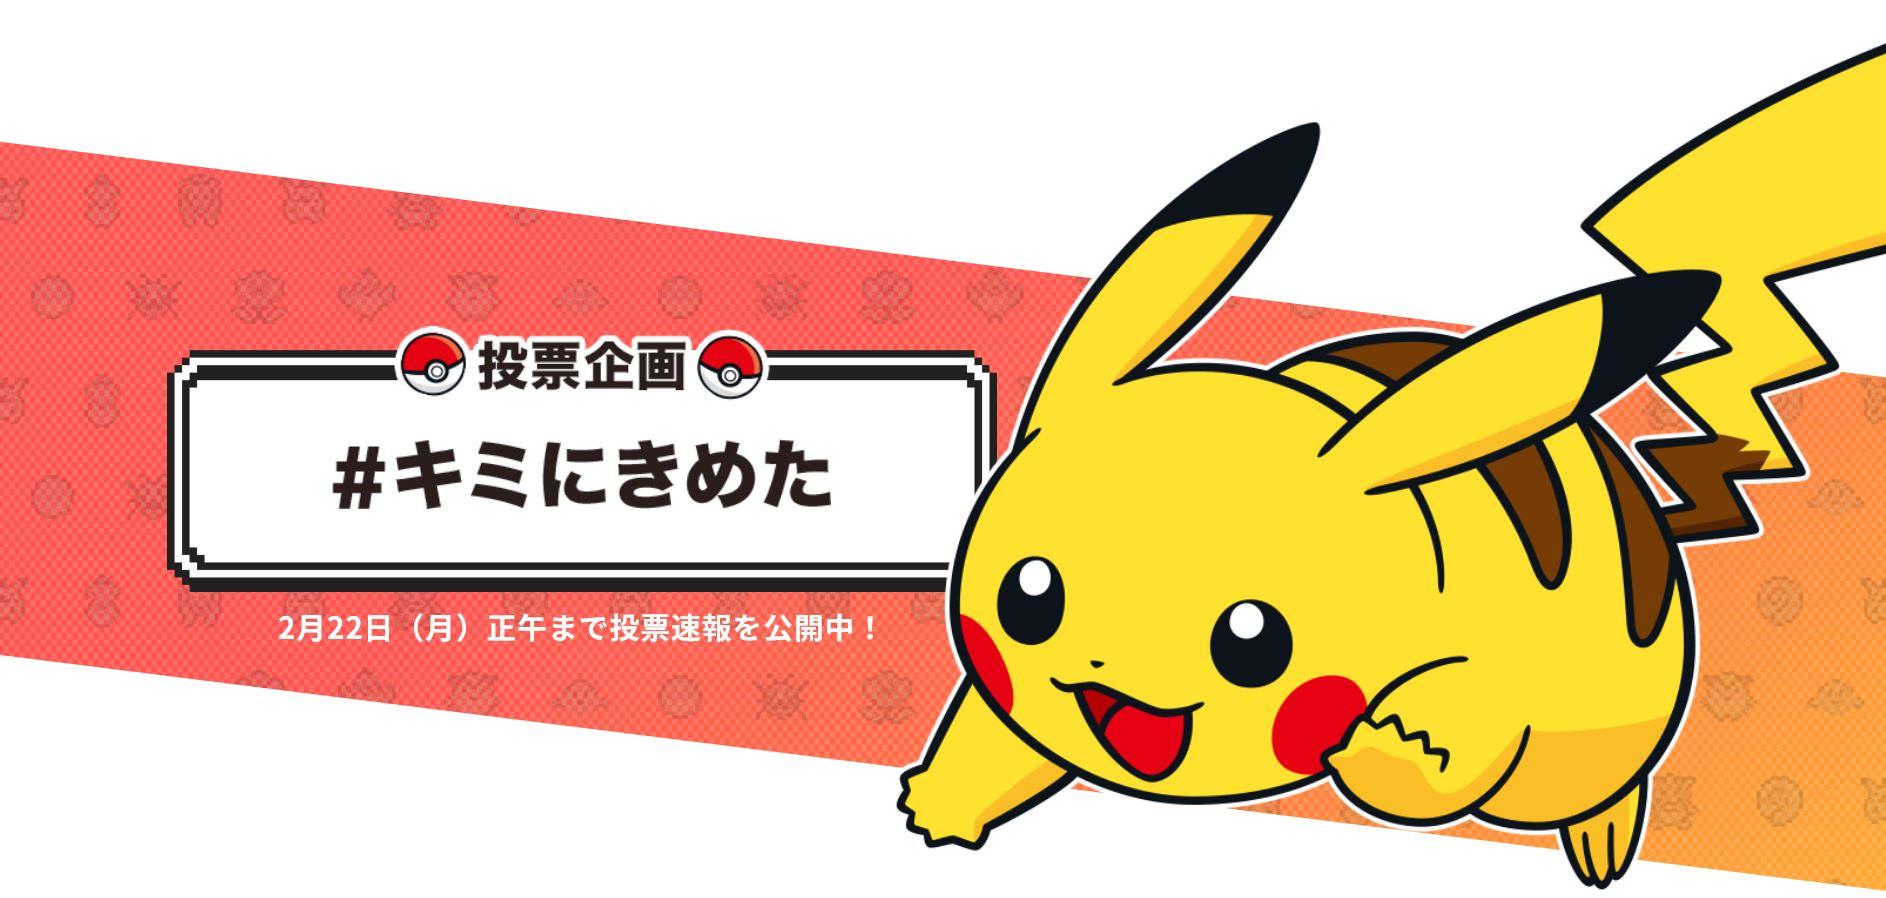 Pokemon Day Vote